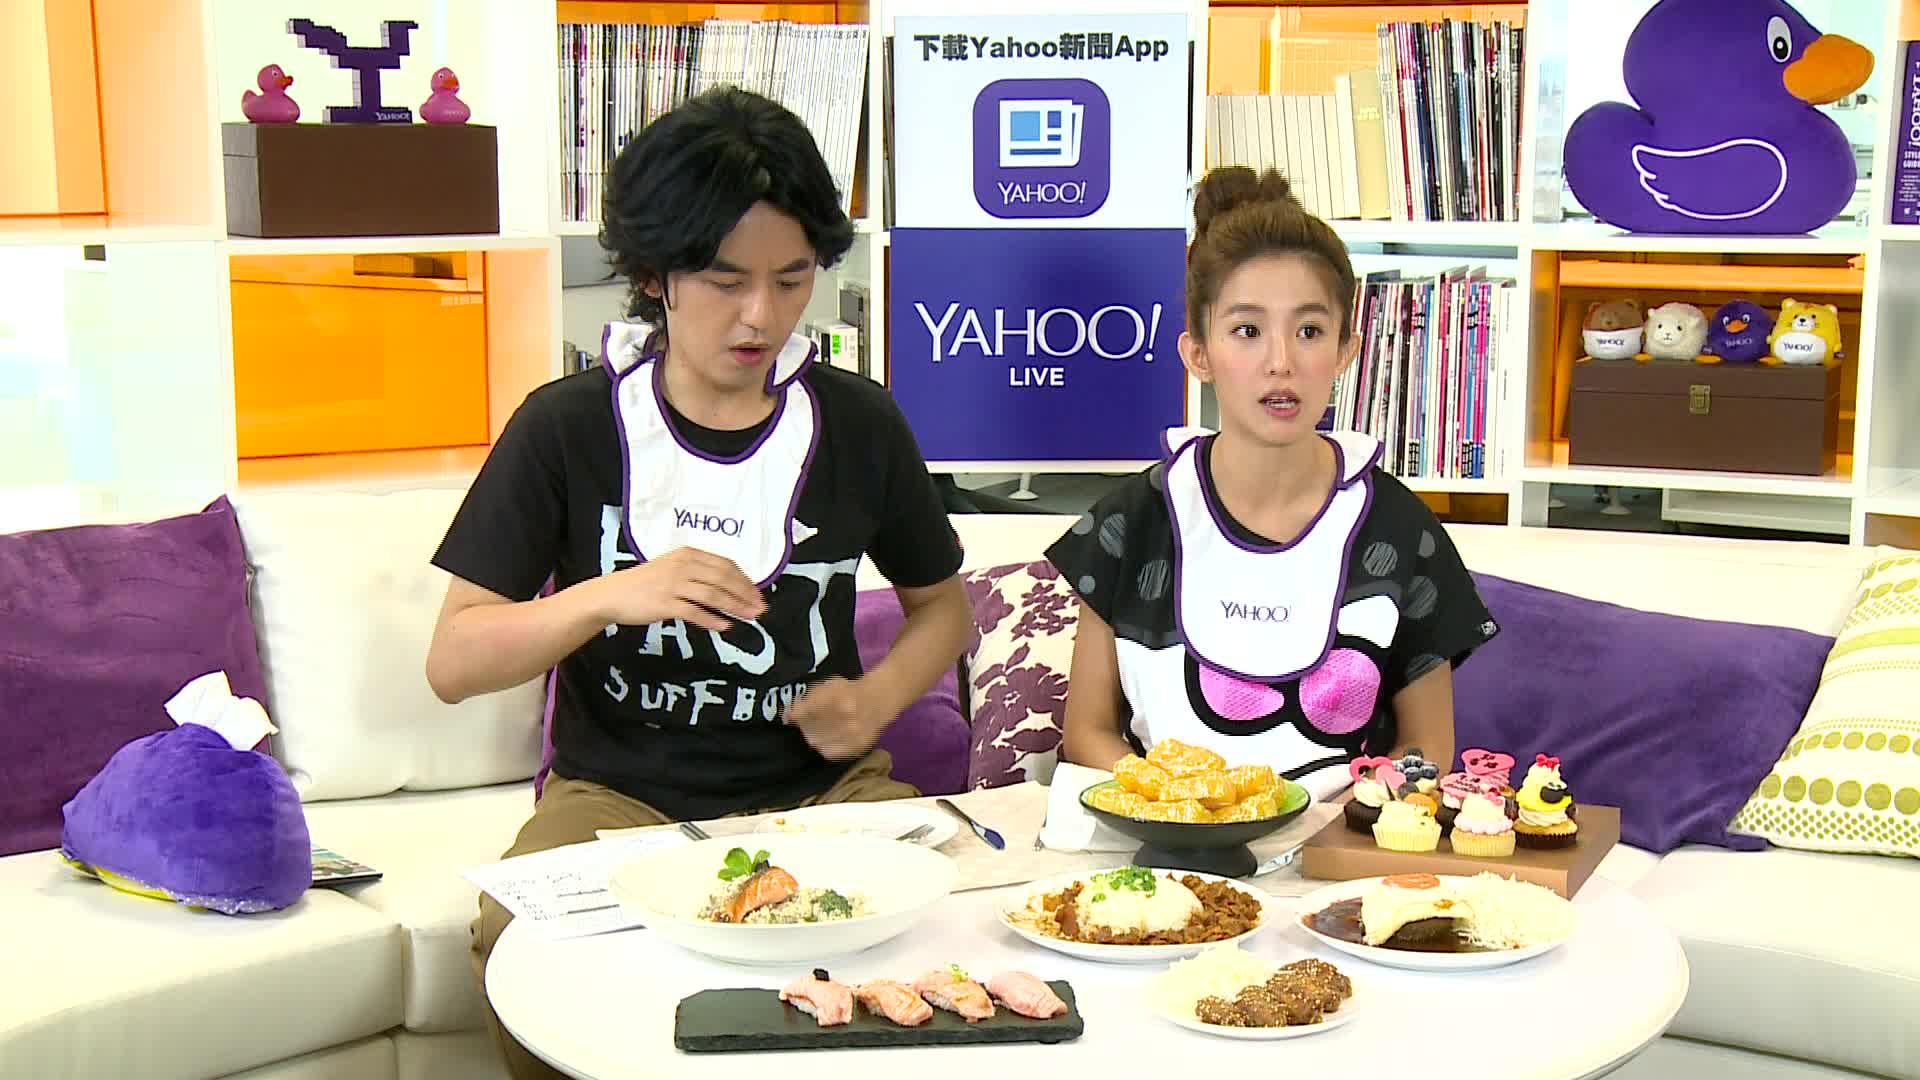 【Yahoo LIVE】郭書瑤:爆料好朋友隋棠不為人知的封號